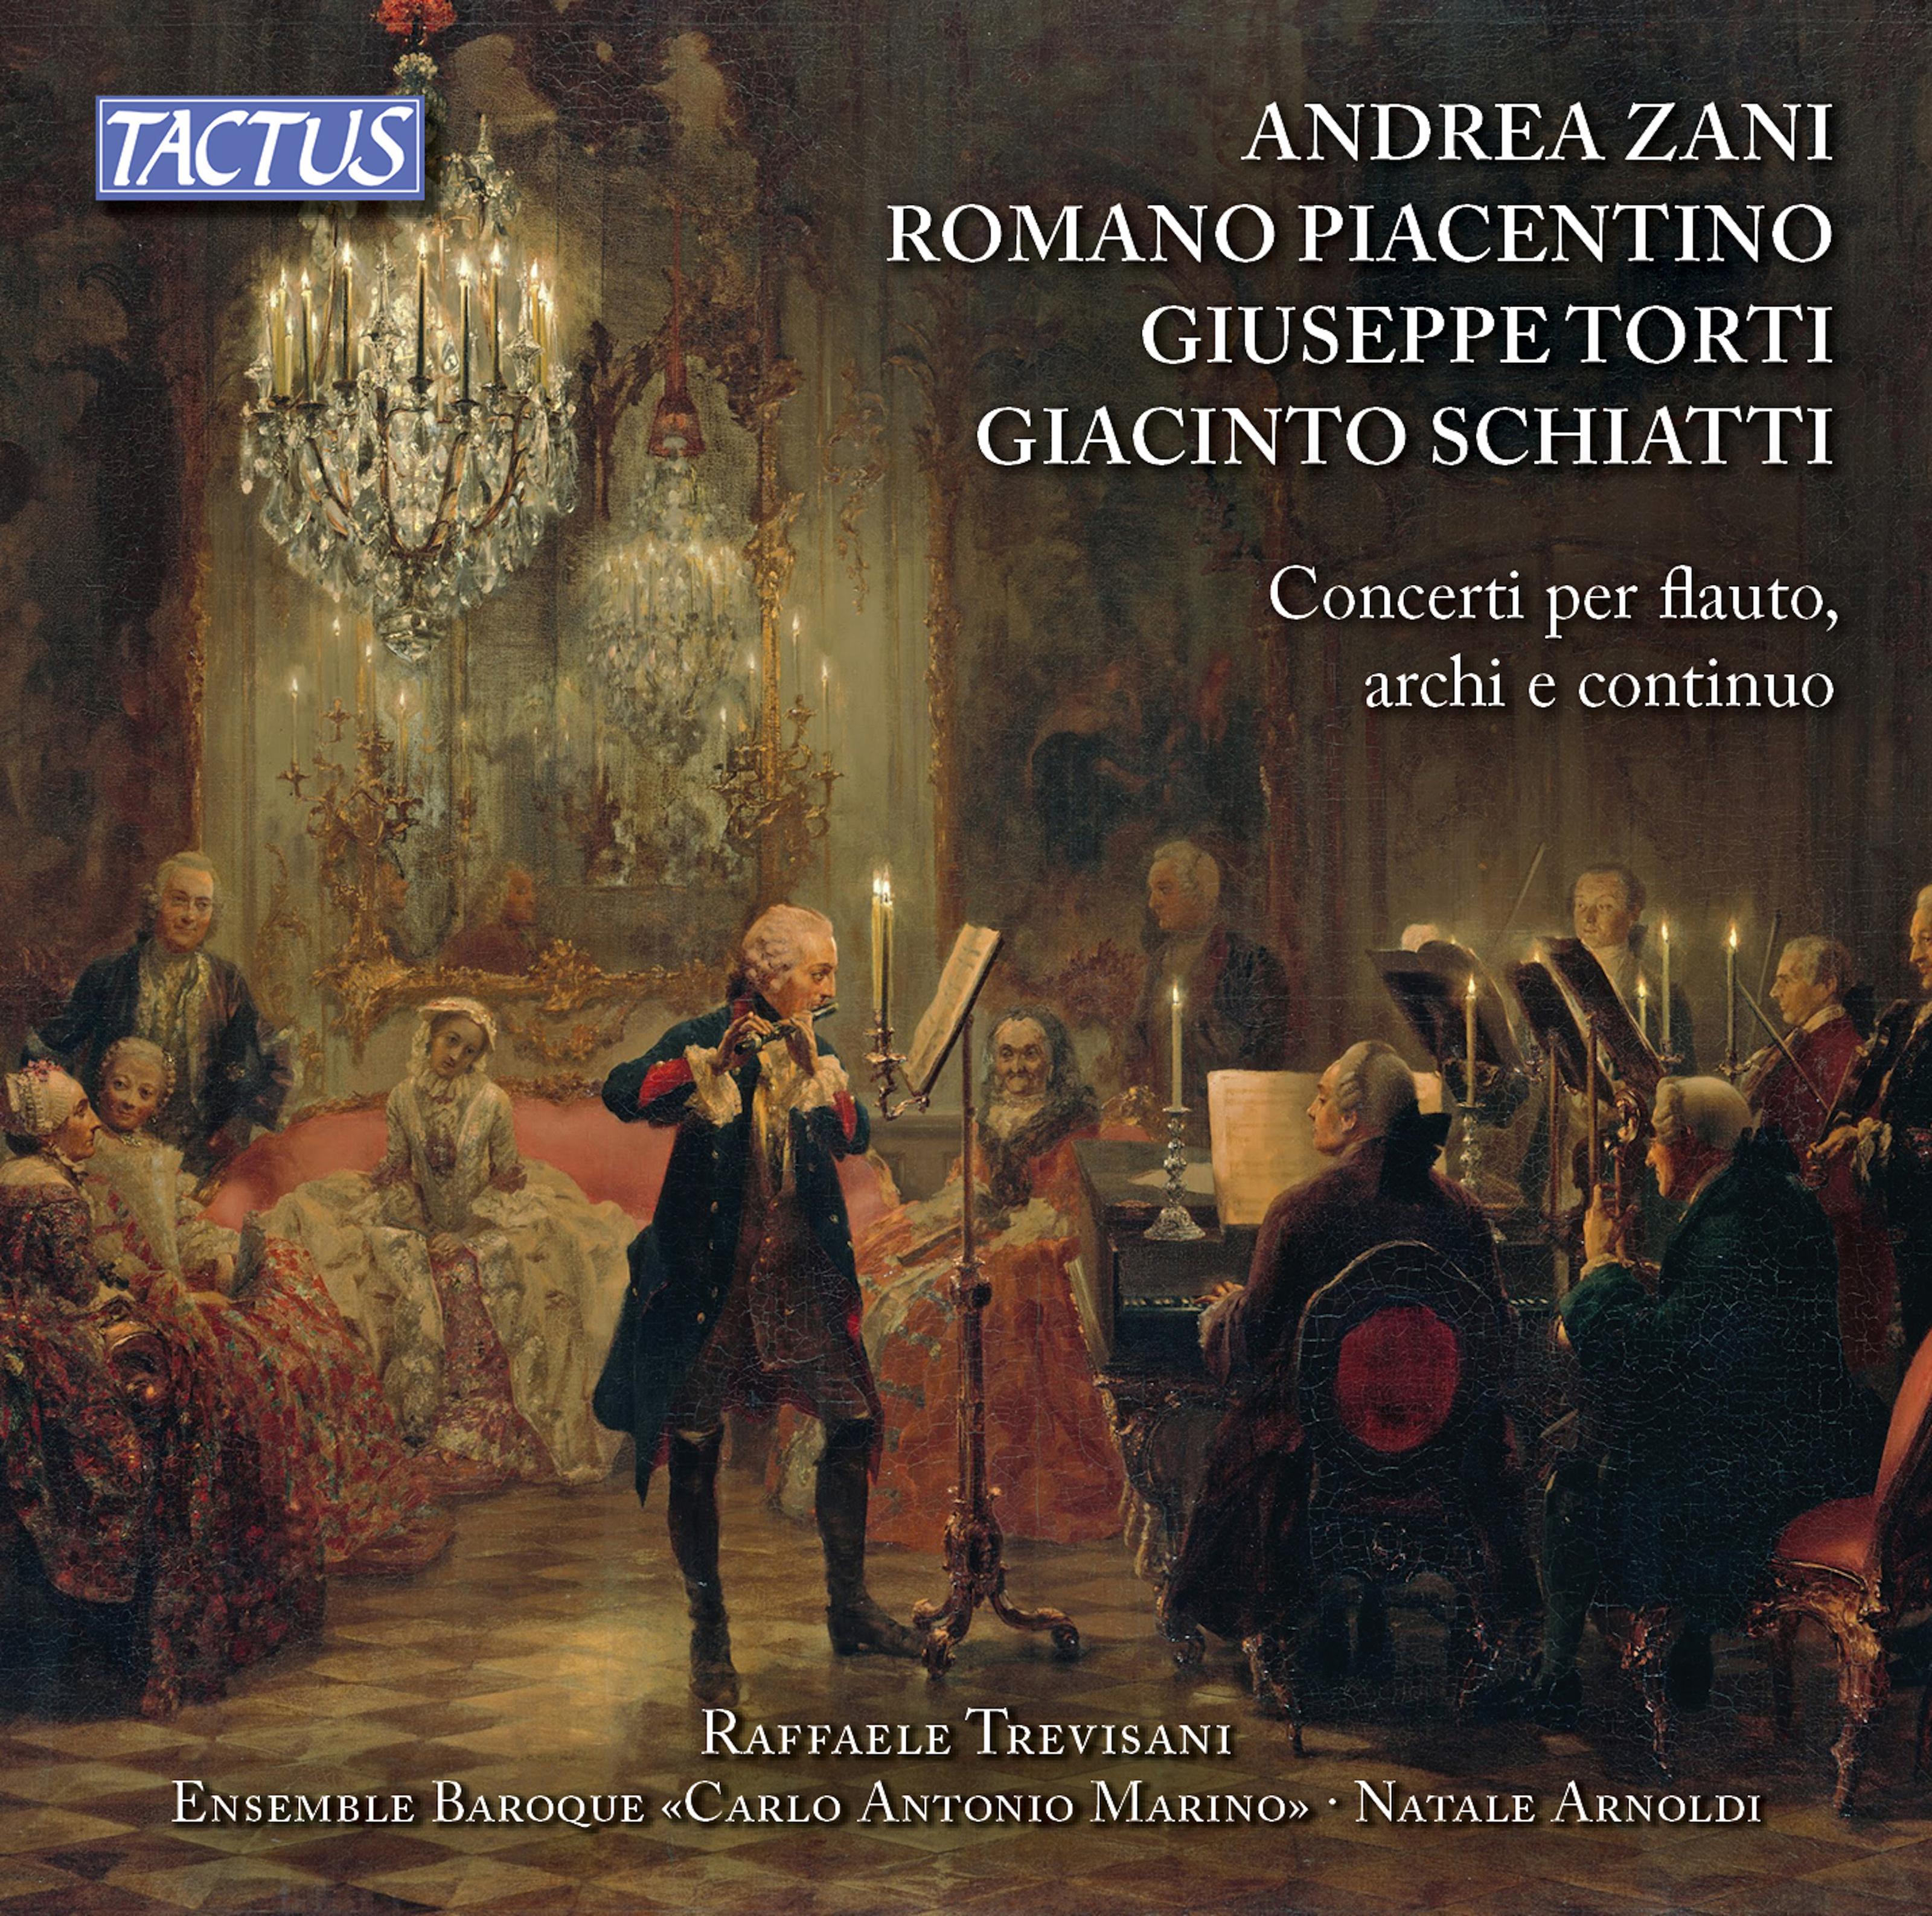 Zani, Piacentino, Torti & Schiatti: Concerti per flauto archi e continuo